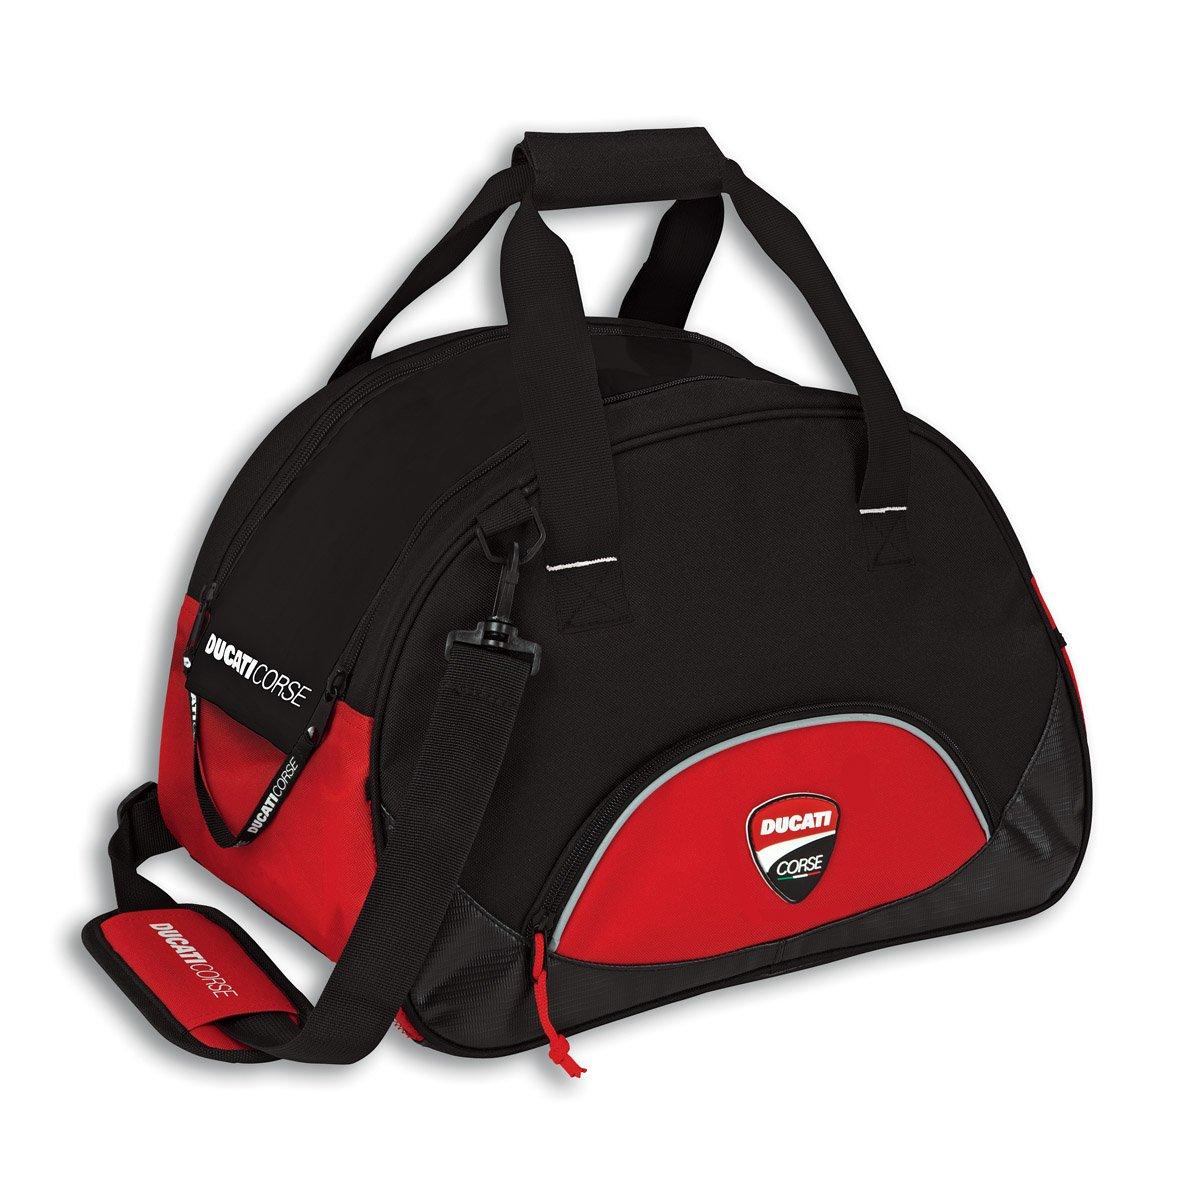 Una bolsa de casco de Ducati Corse/Carrier con visera bolsa auténtica Ducati: Amazon.es: Coche y moto